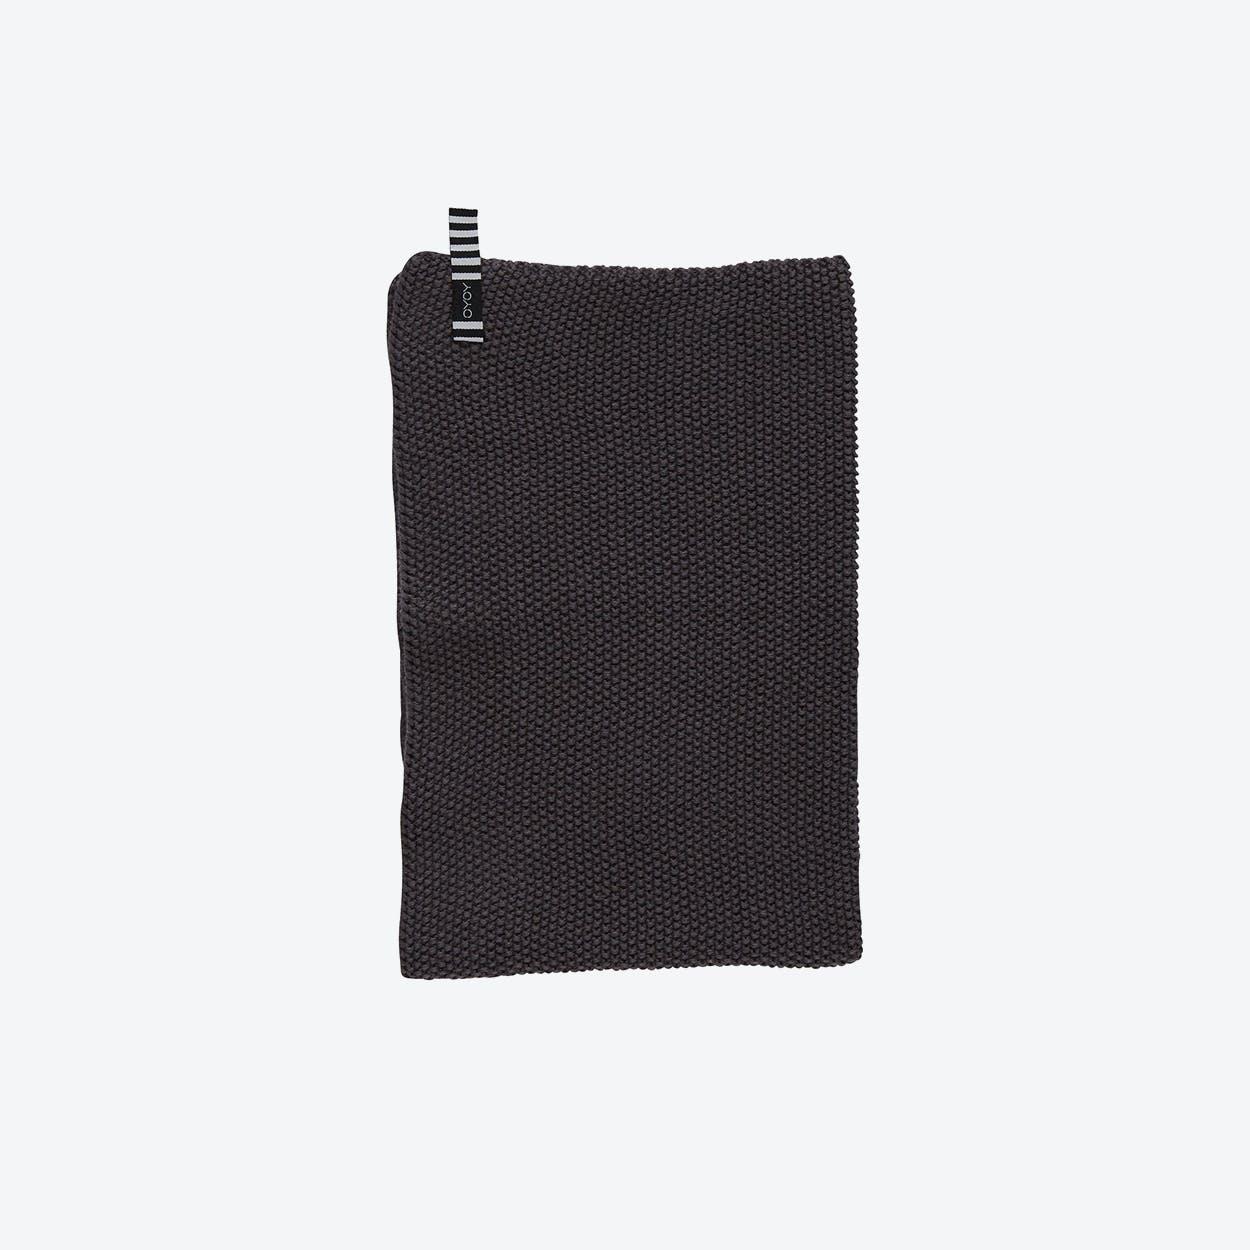 Mini Towel in Grey (Set of 2)